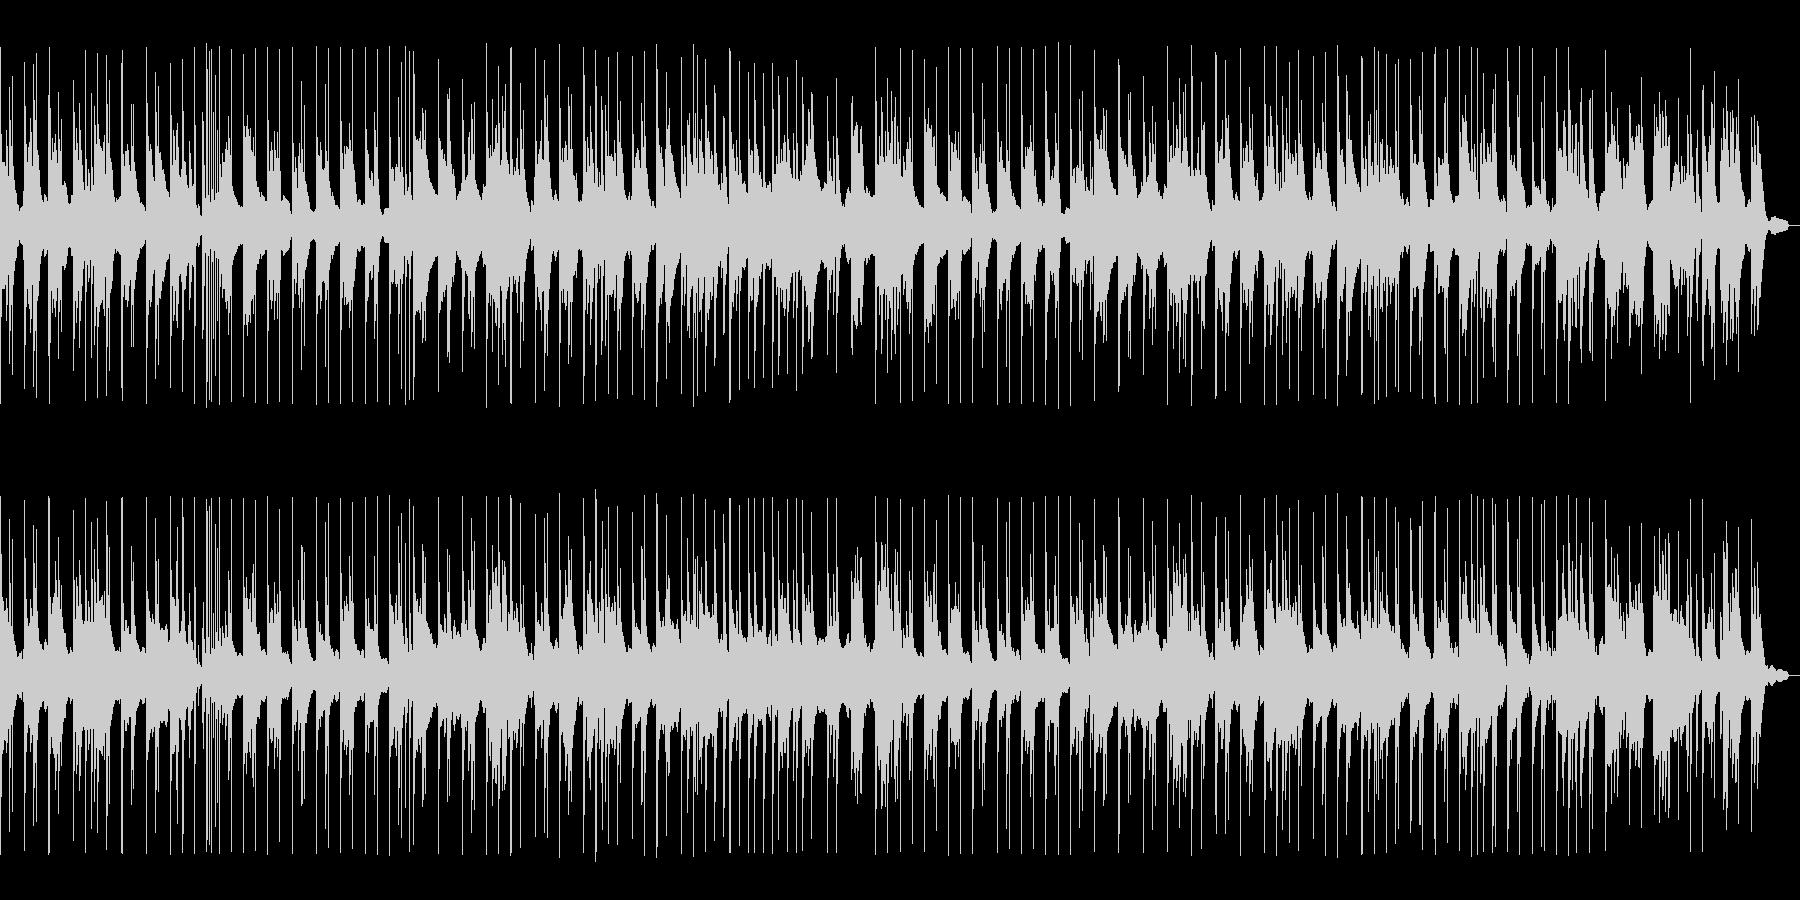 BGM016-02 ピアノソロの落ち着…の未再生の波形